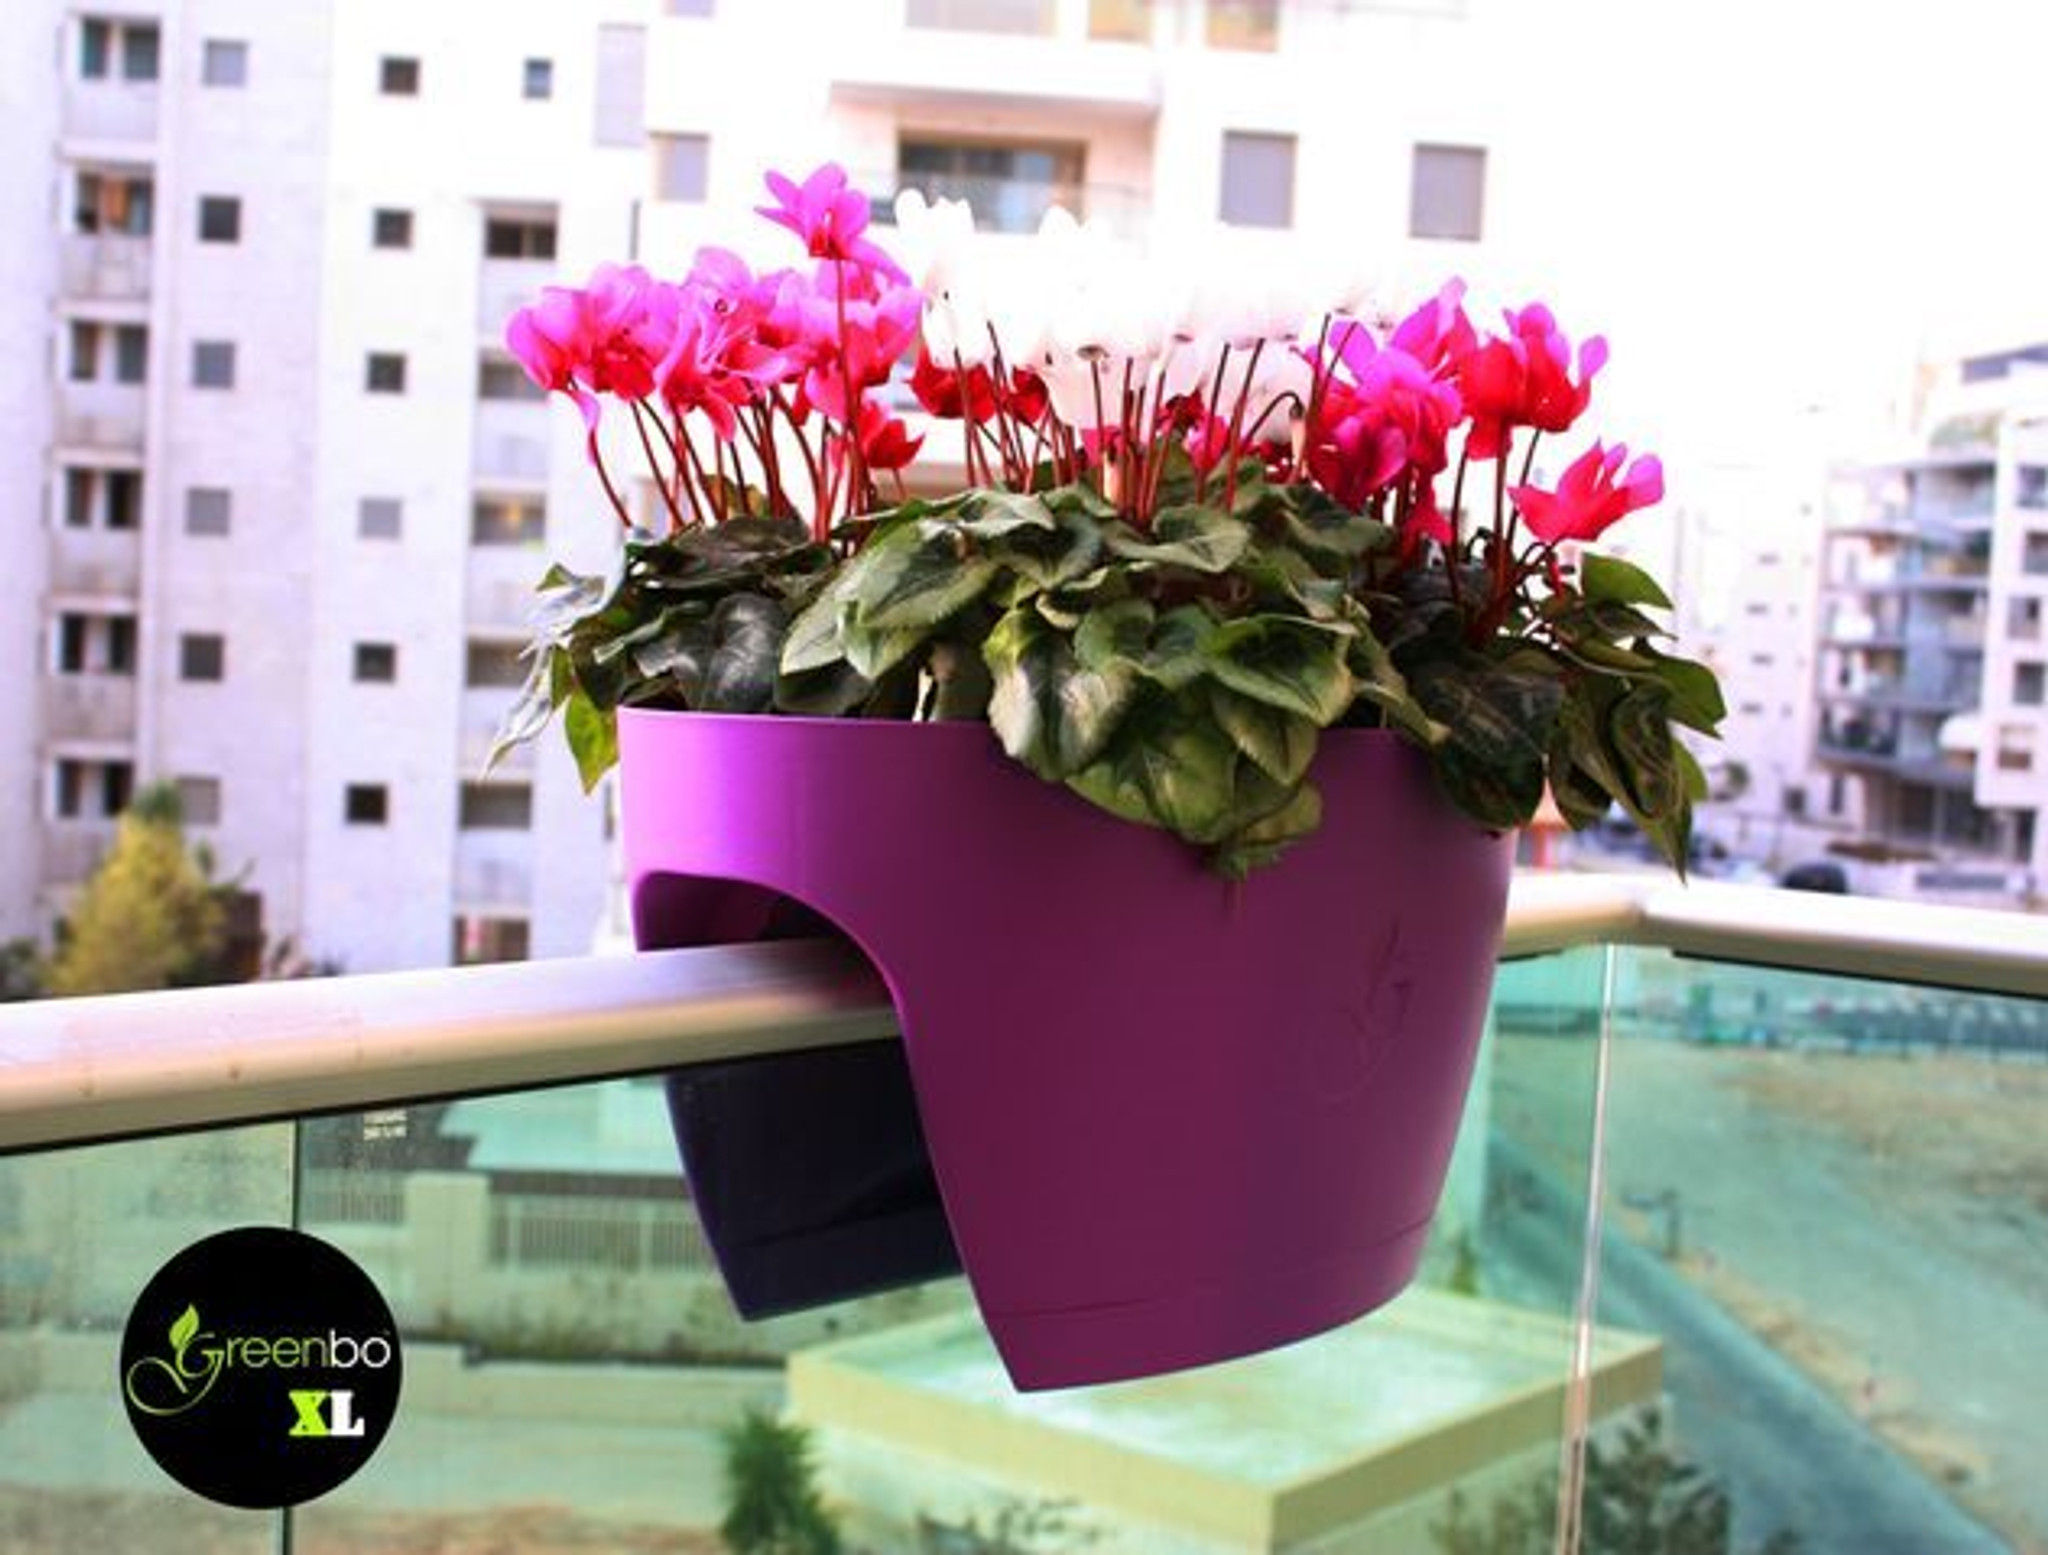 Purple Greenbo extra large planter on balcony railing.